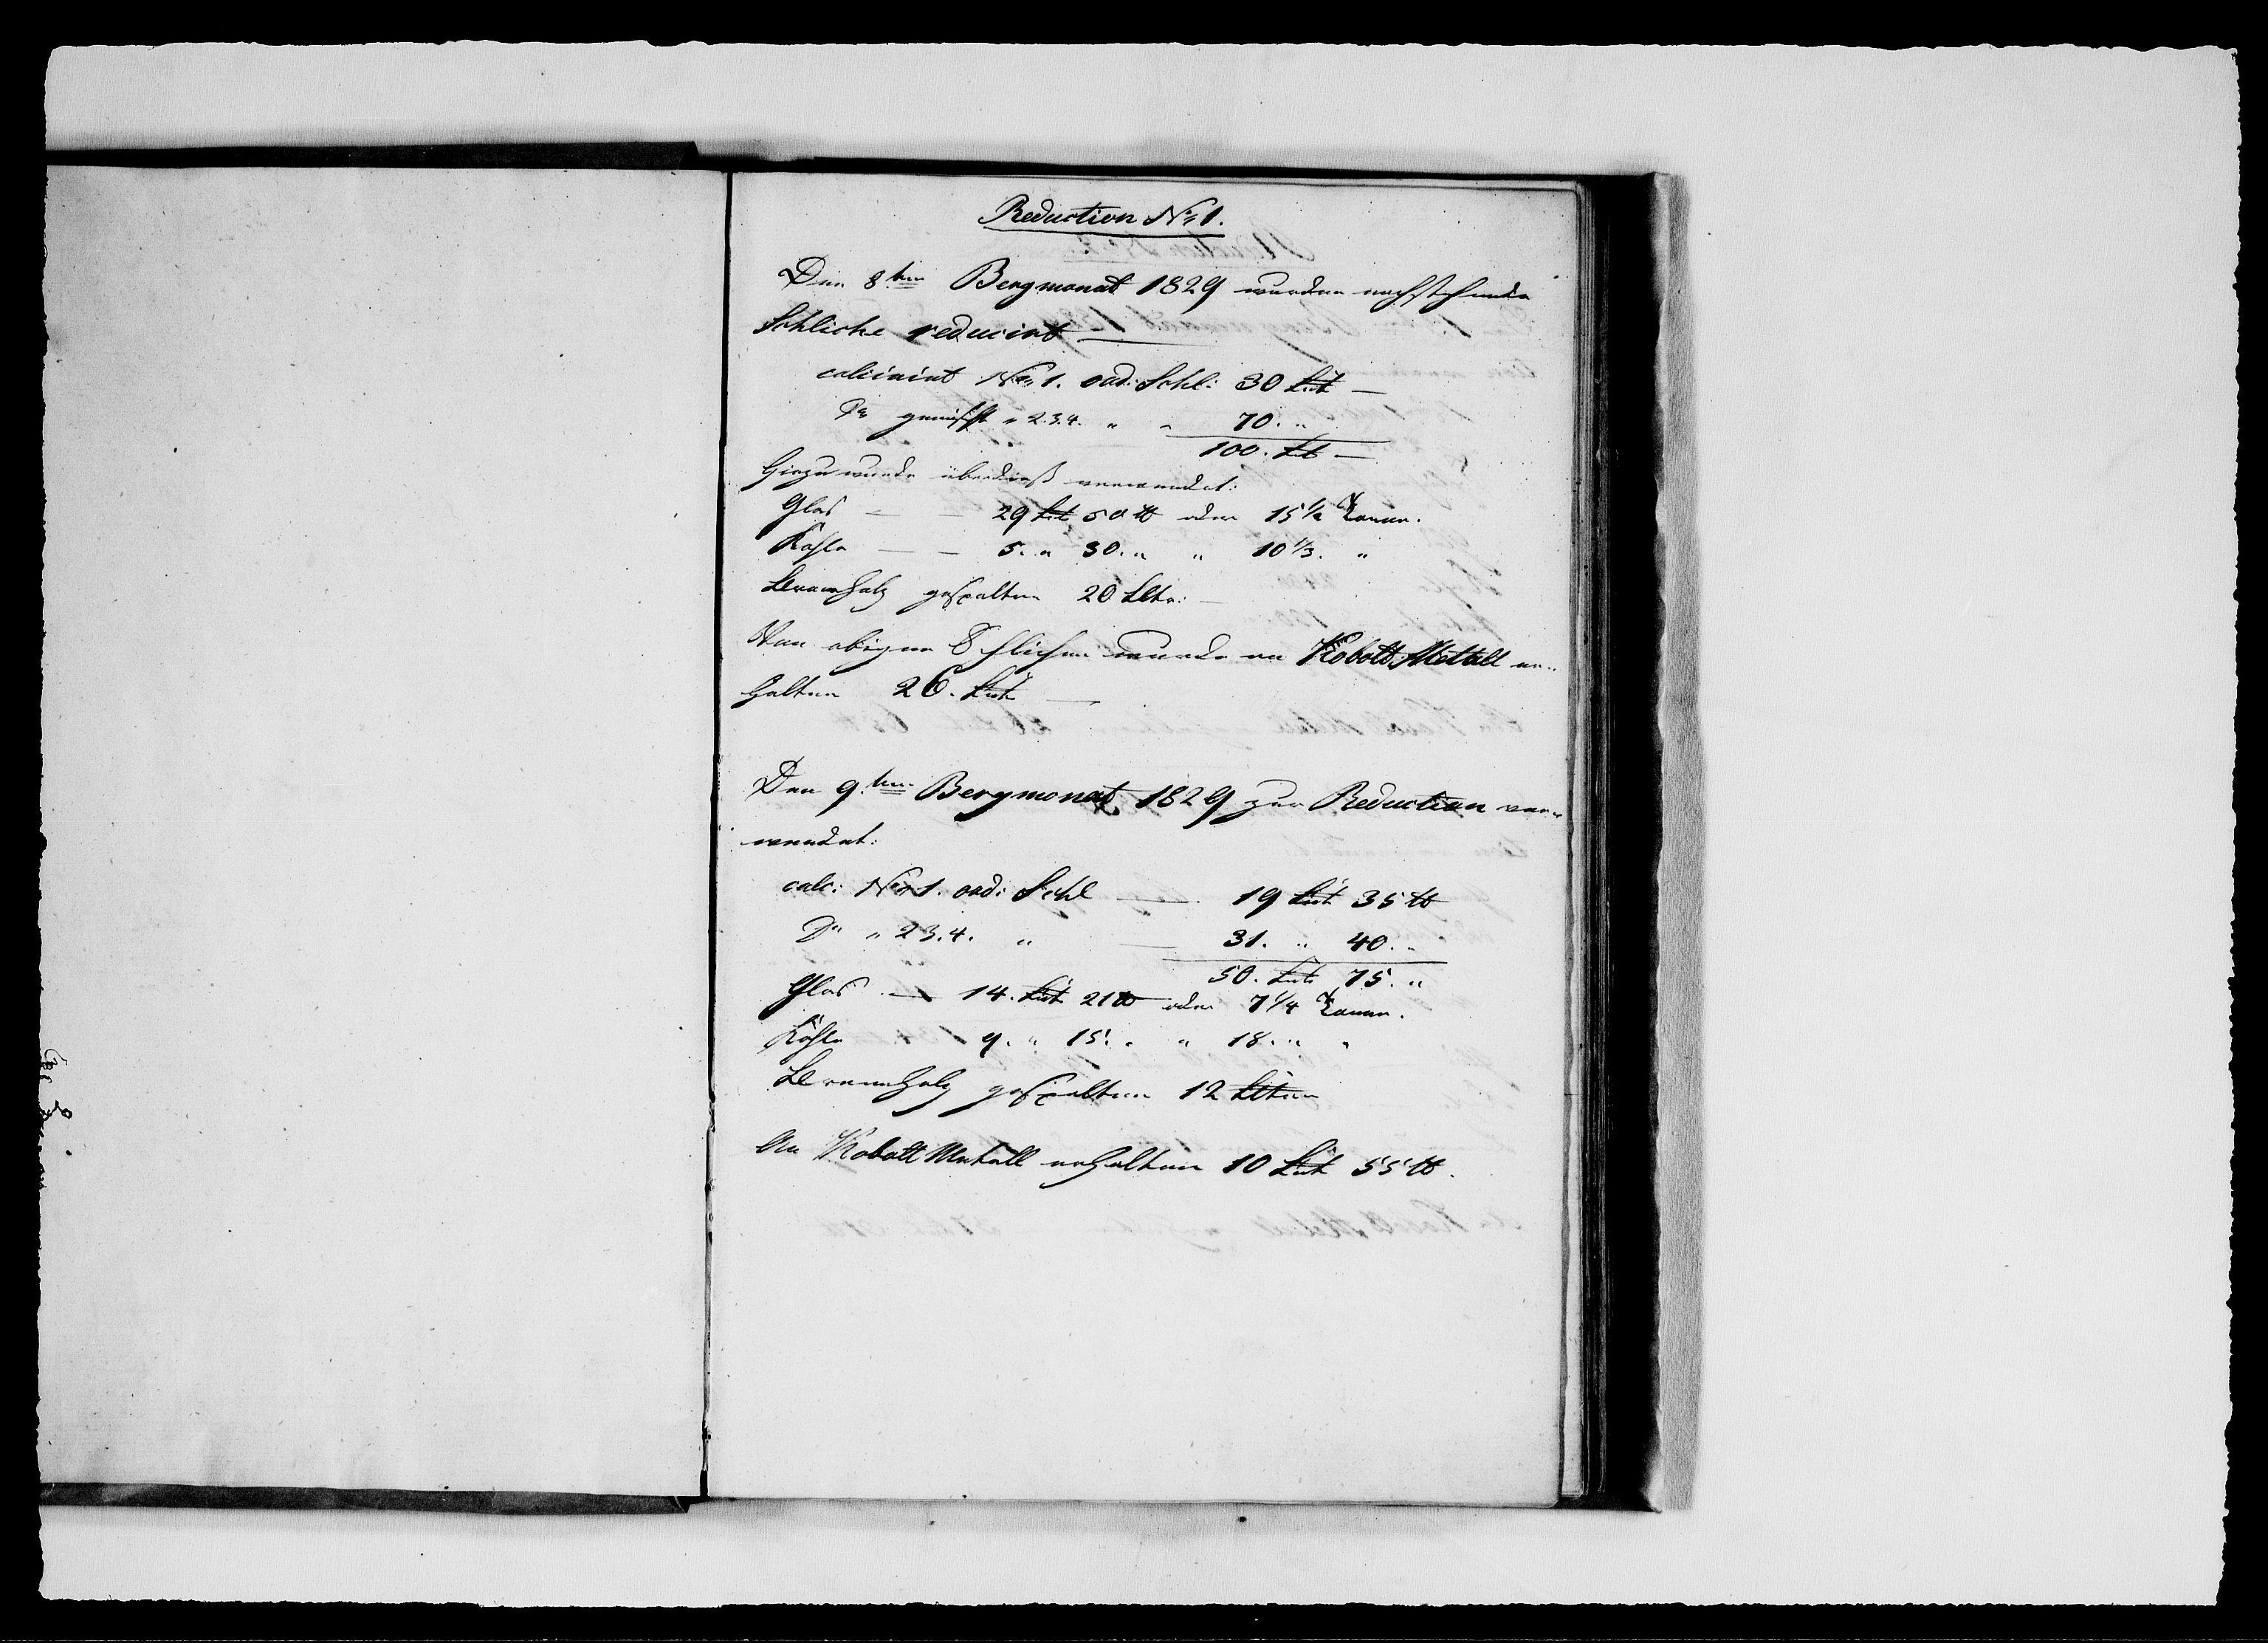 RA, Modums Blaafarveværk, G/Ge/L0313, 1829-1853, s. 2